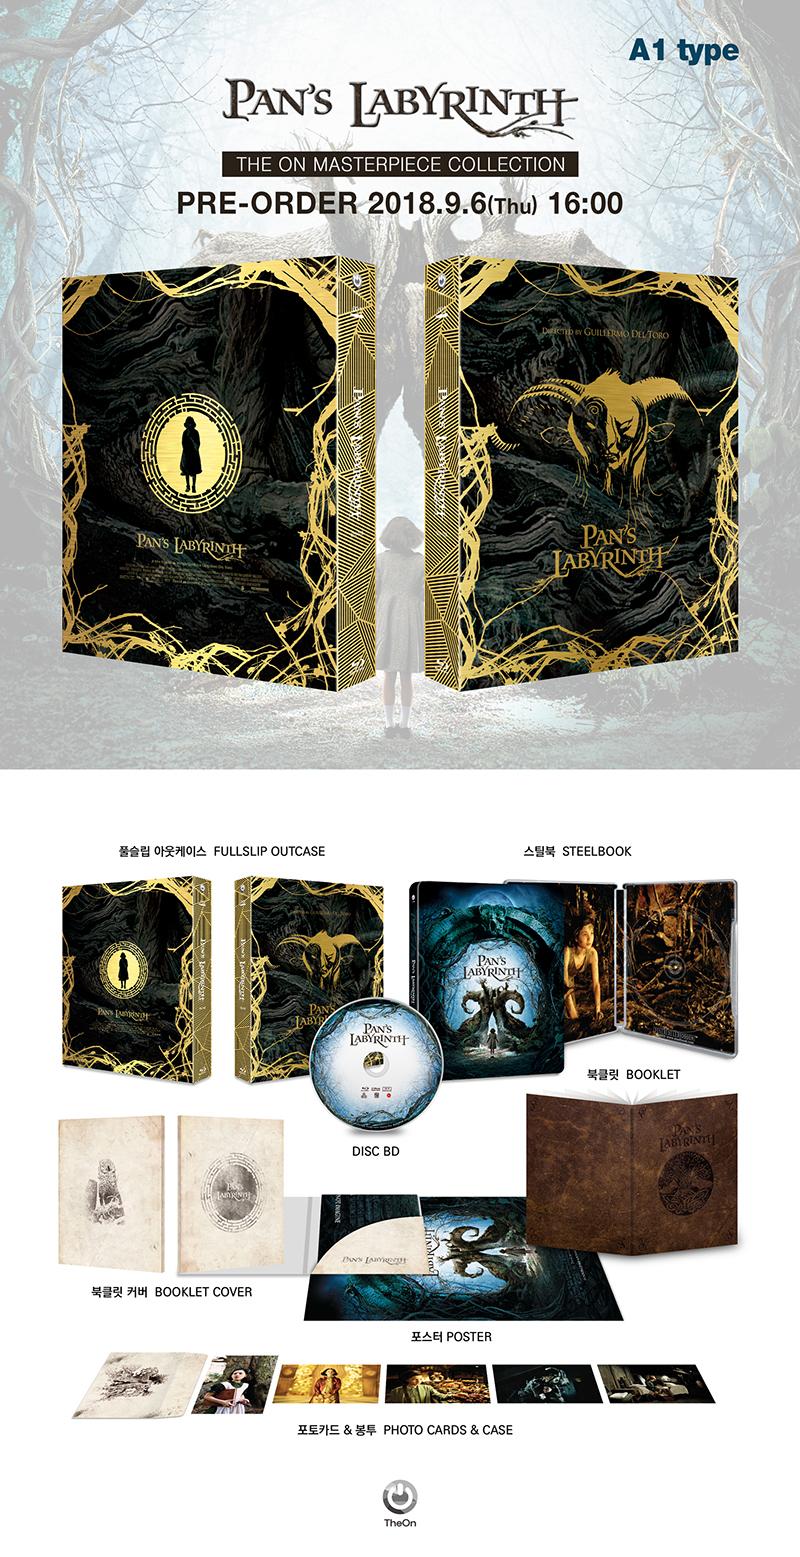 パンズ・ラビリンス 韓国 スチールブック Pan's Labyrinth KimchiDVD steelbook